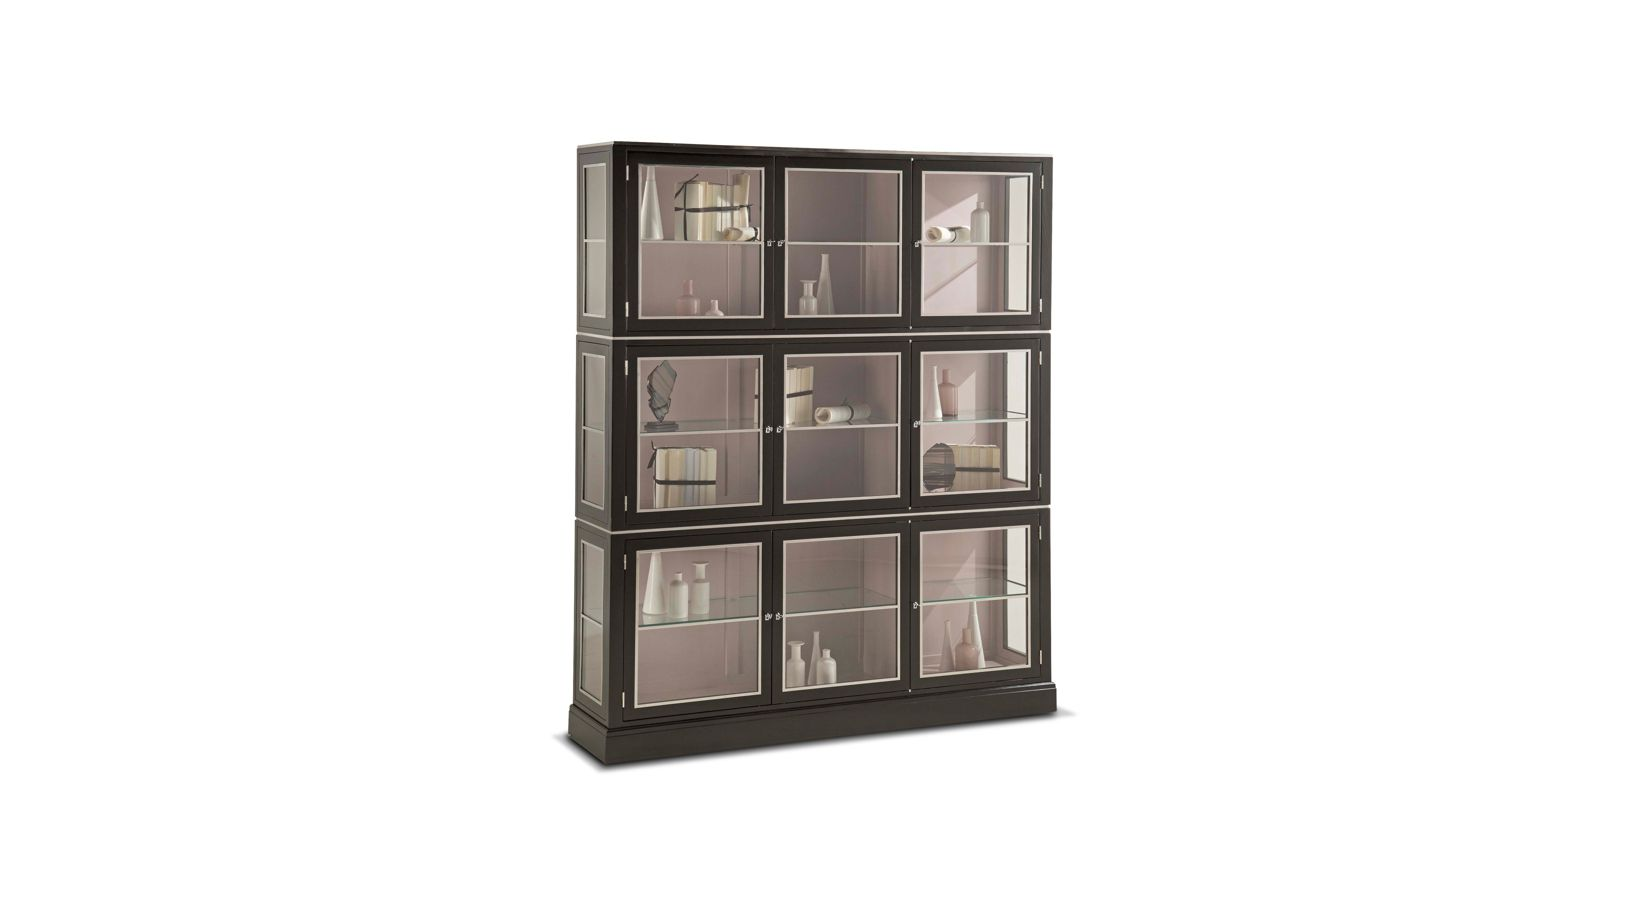 libreria 3 elementi 5 me avenue collezione nouveaux classiques roche bobois. Black Bedroom Furniture Sets. Home Design Ideas